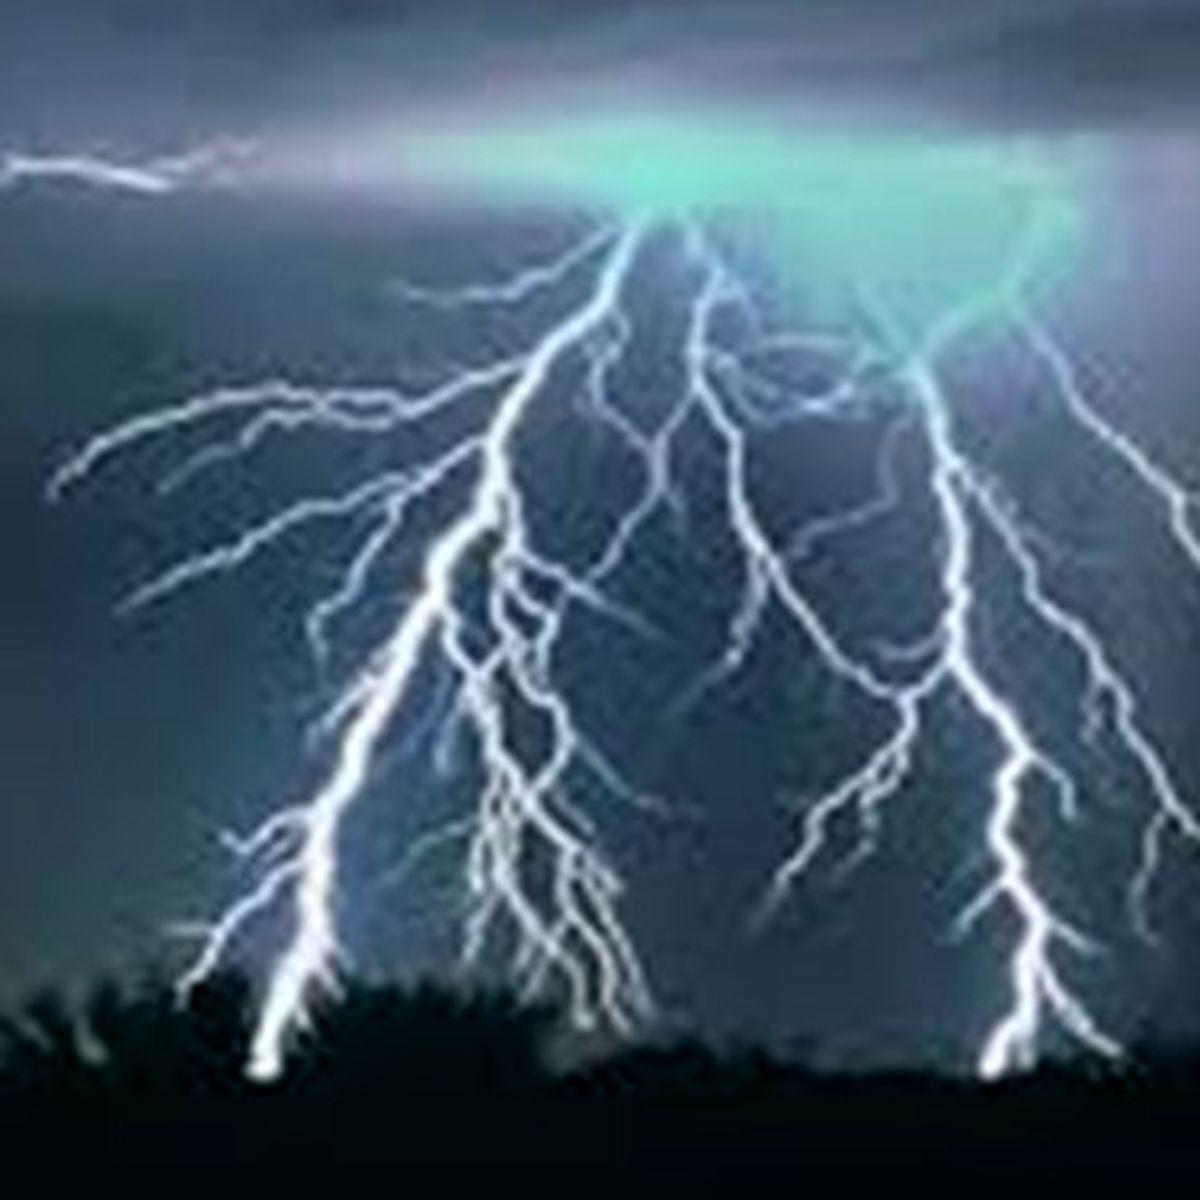 هشدار هواشناسی ایران؛ سیلاب ناگهانی در برخی استانها